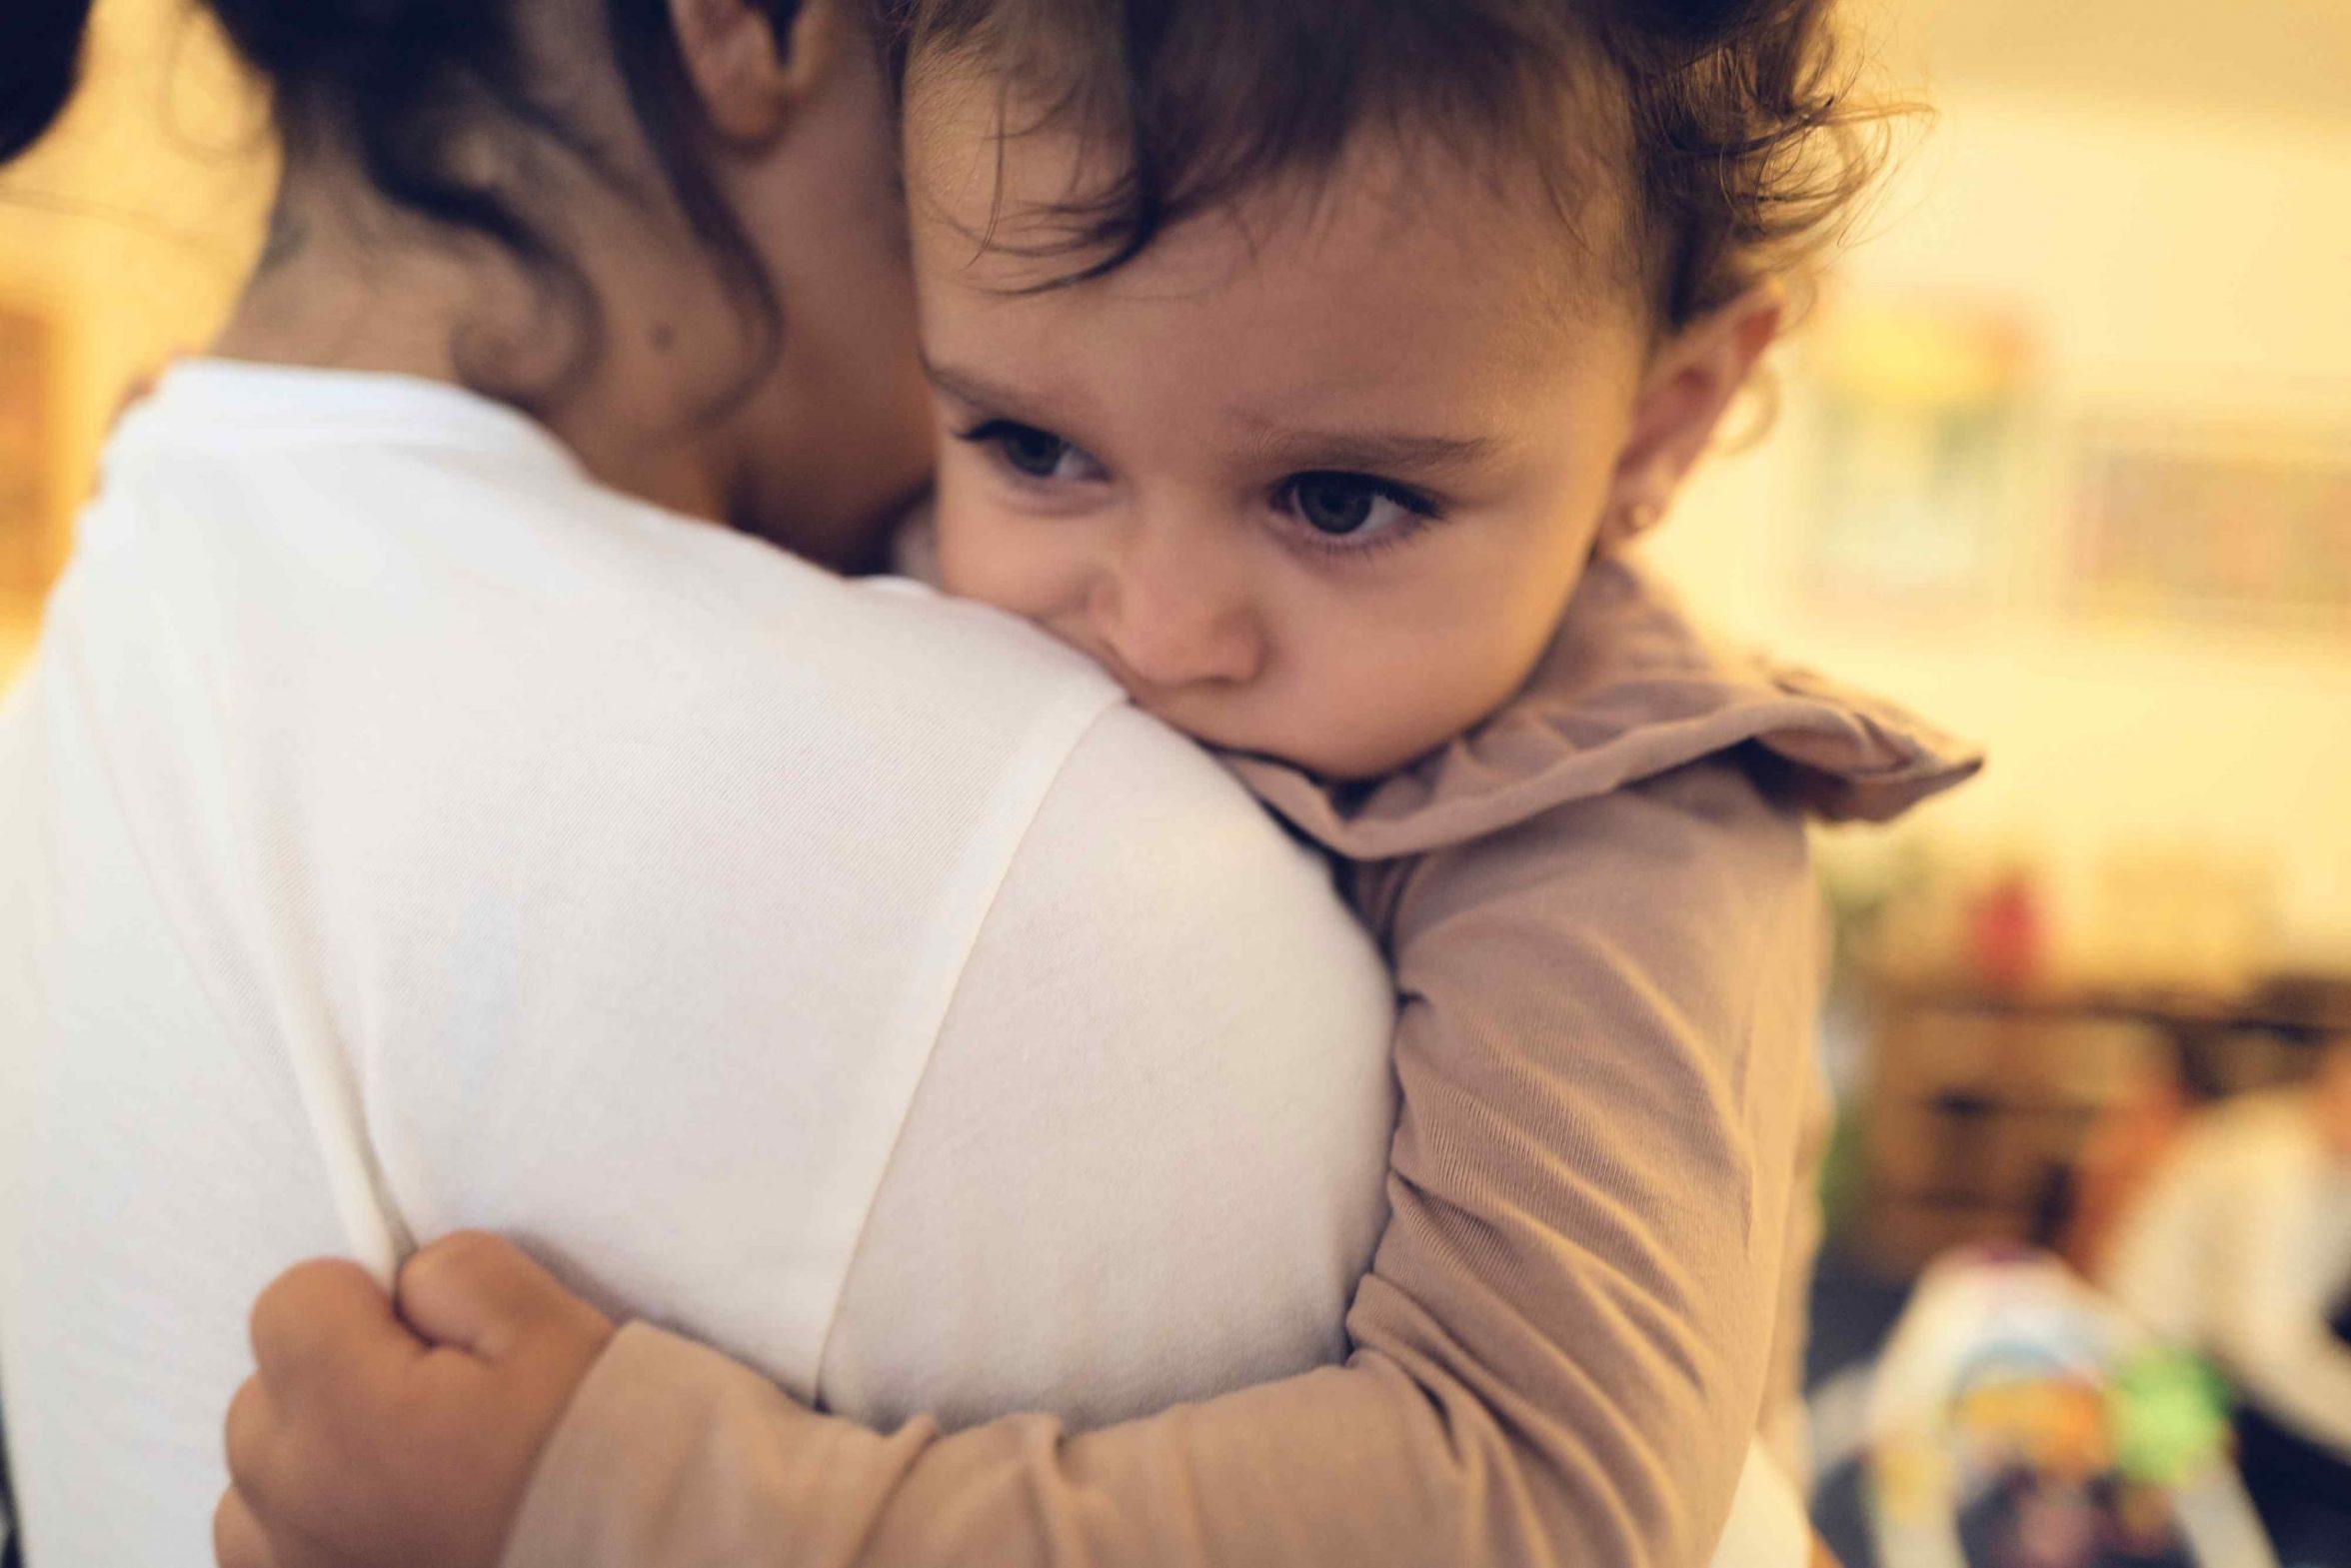 Betuttet pige holder fast i sin mor. Foto: Keen Heick-Abildhauge